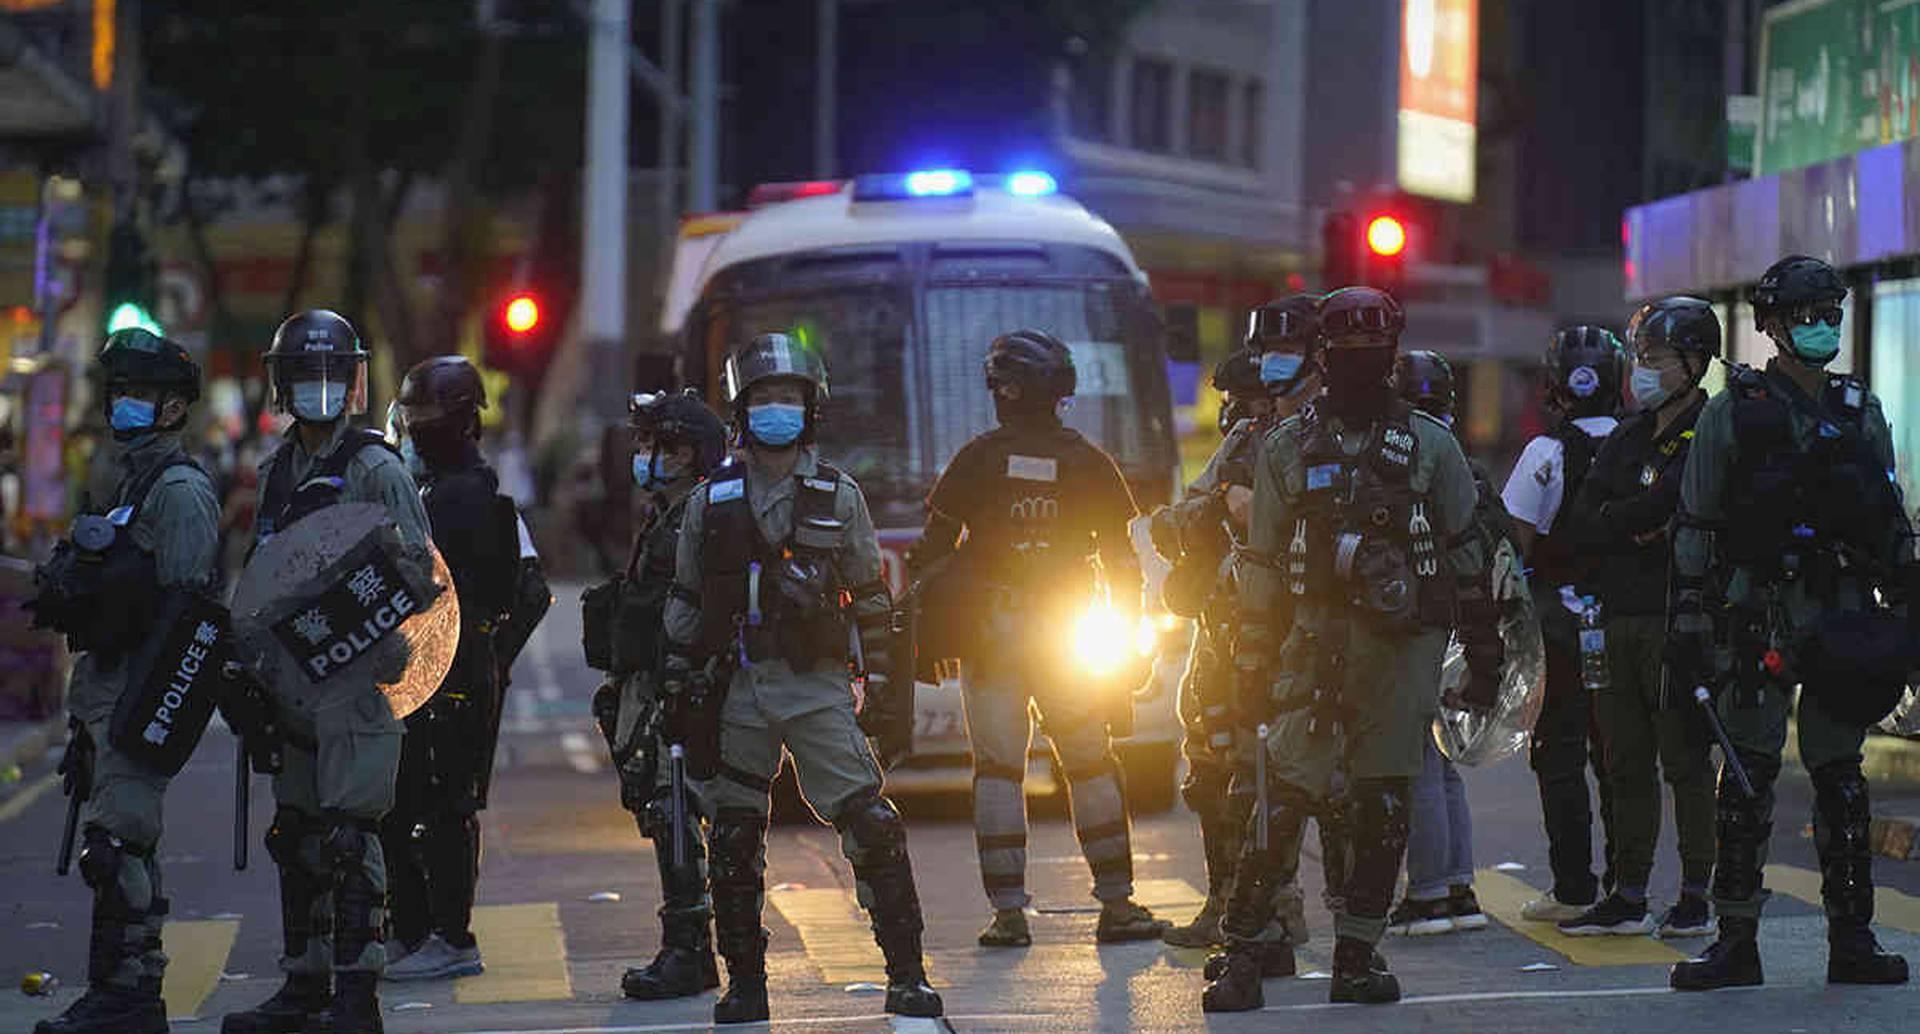 La policía hace guardia en una calle después de despejar un bloqueo de carretera durante una marcha que marca el aniversario de la entrega de Hong Kong desde Gran Bretaña a China, este miércoles 1 de julio. Hong Kong celebró el aniversario 23 de su entrega a China en 1997 solo un día después de que China promulgara una ley de seguridad nacional que toma medidas enérgicas contra las protestas en el territorio. Foto: Vincent Yu/AP